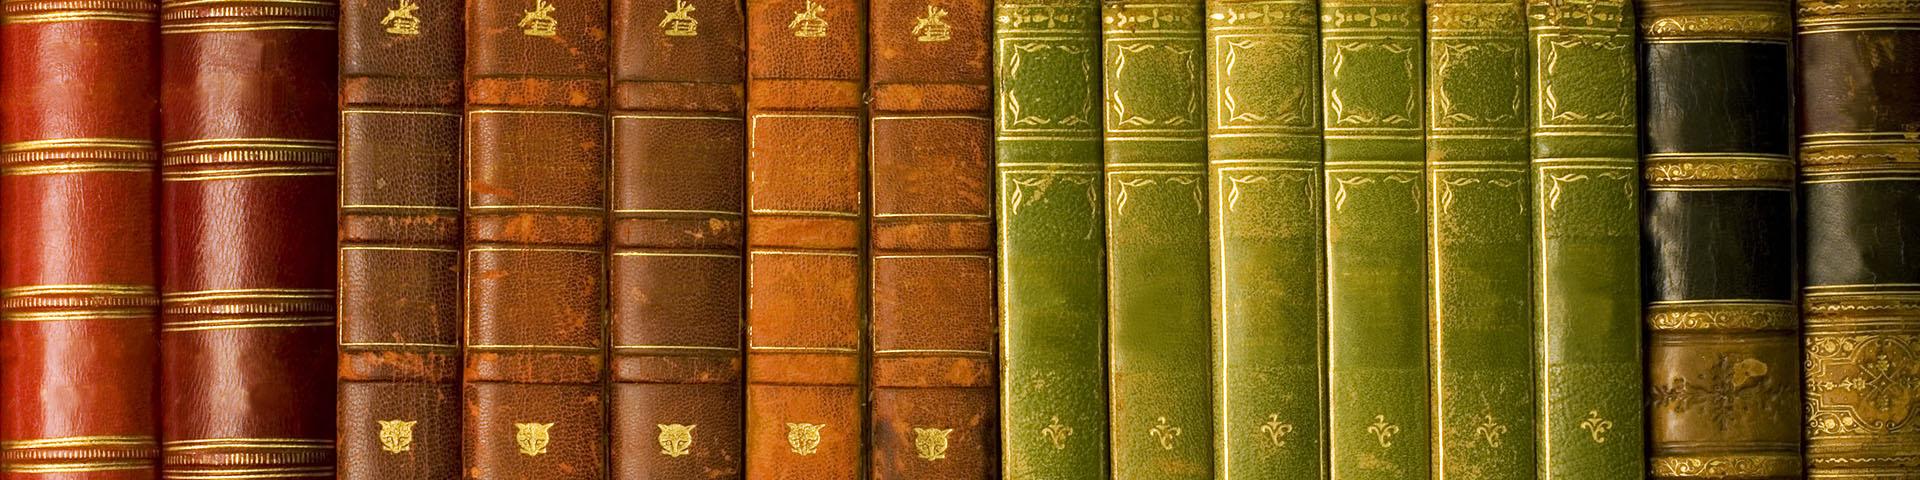 Где купить книги онлайн